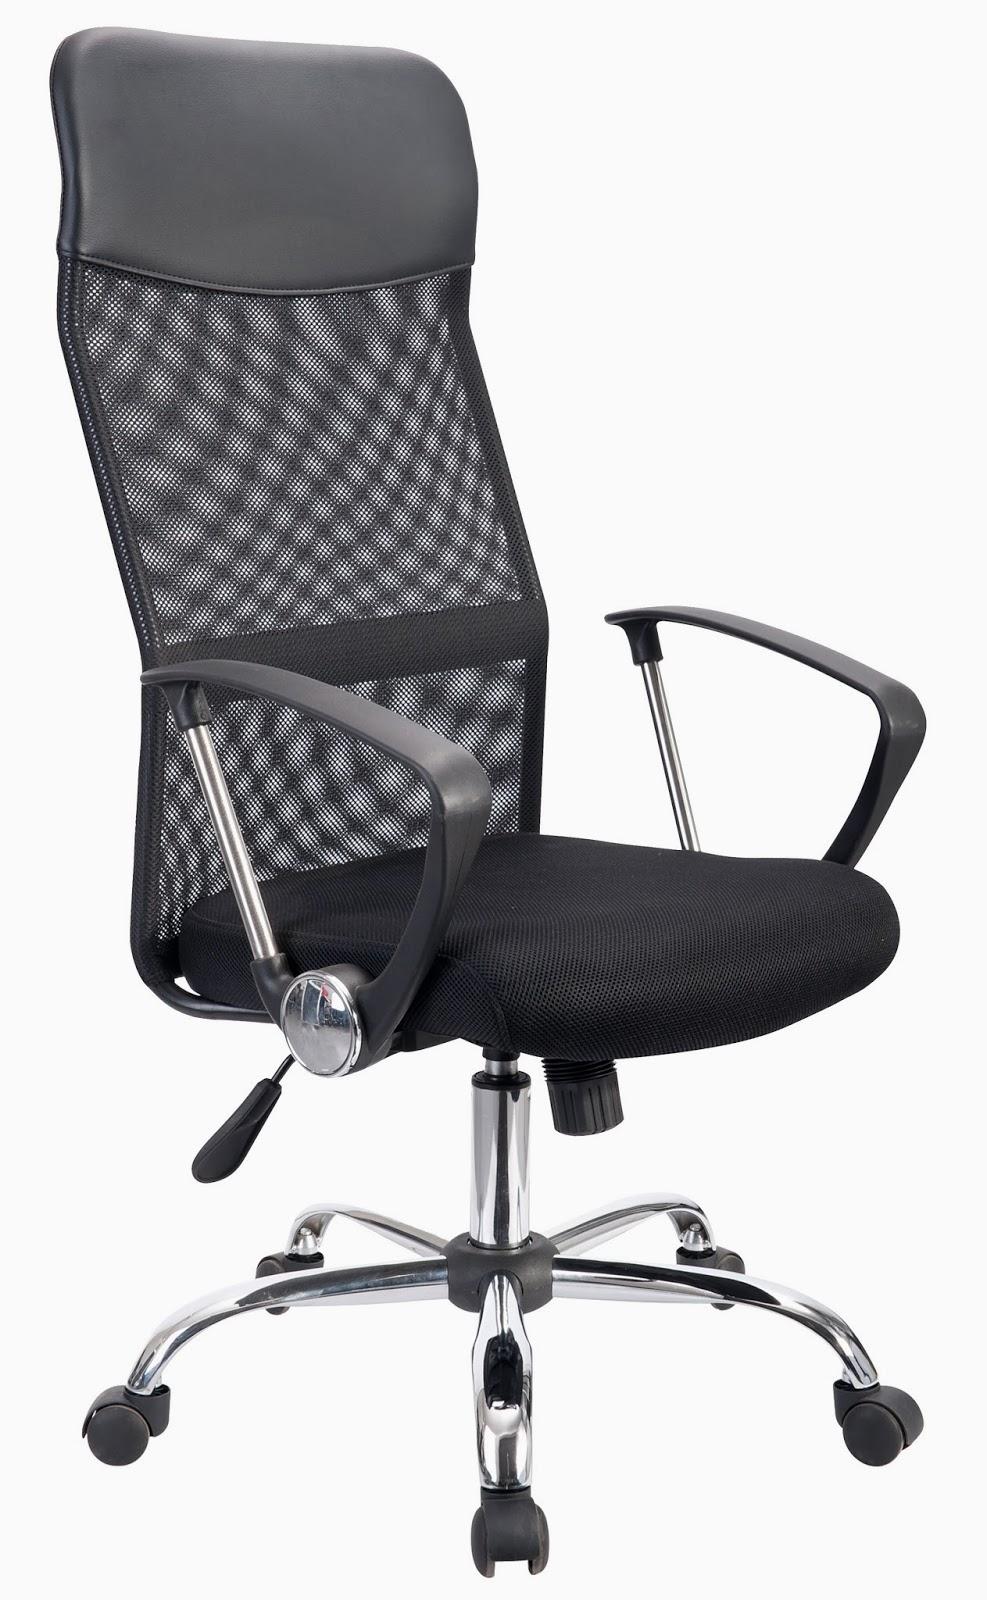 Venta de sillas para oficina en m xico df dise o y for Sillas ejecutivas para oficina